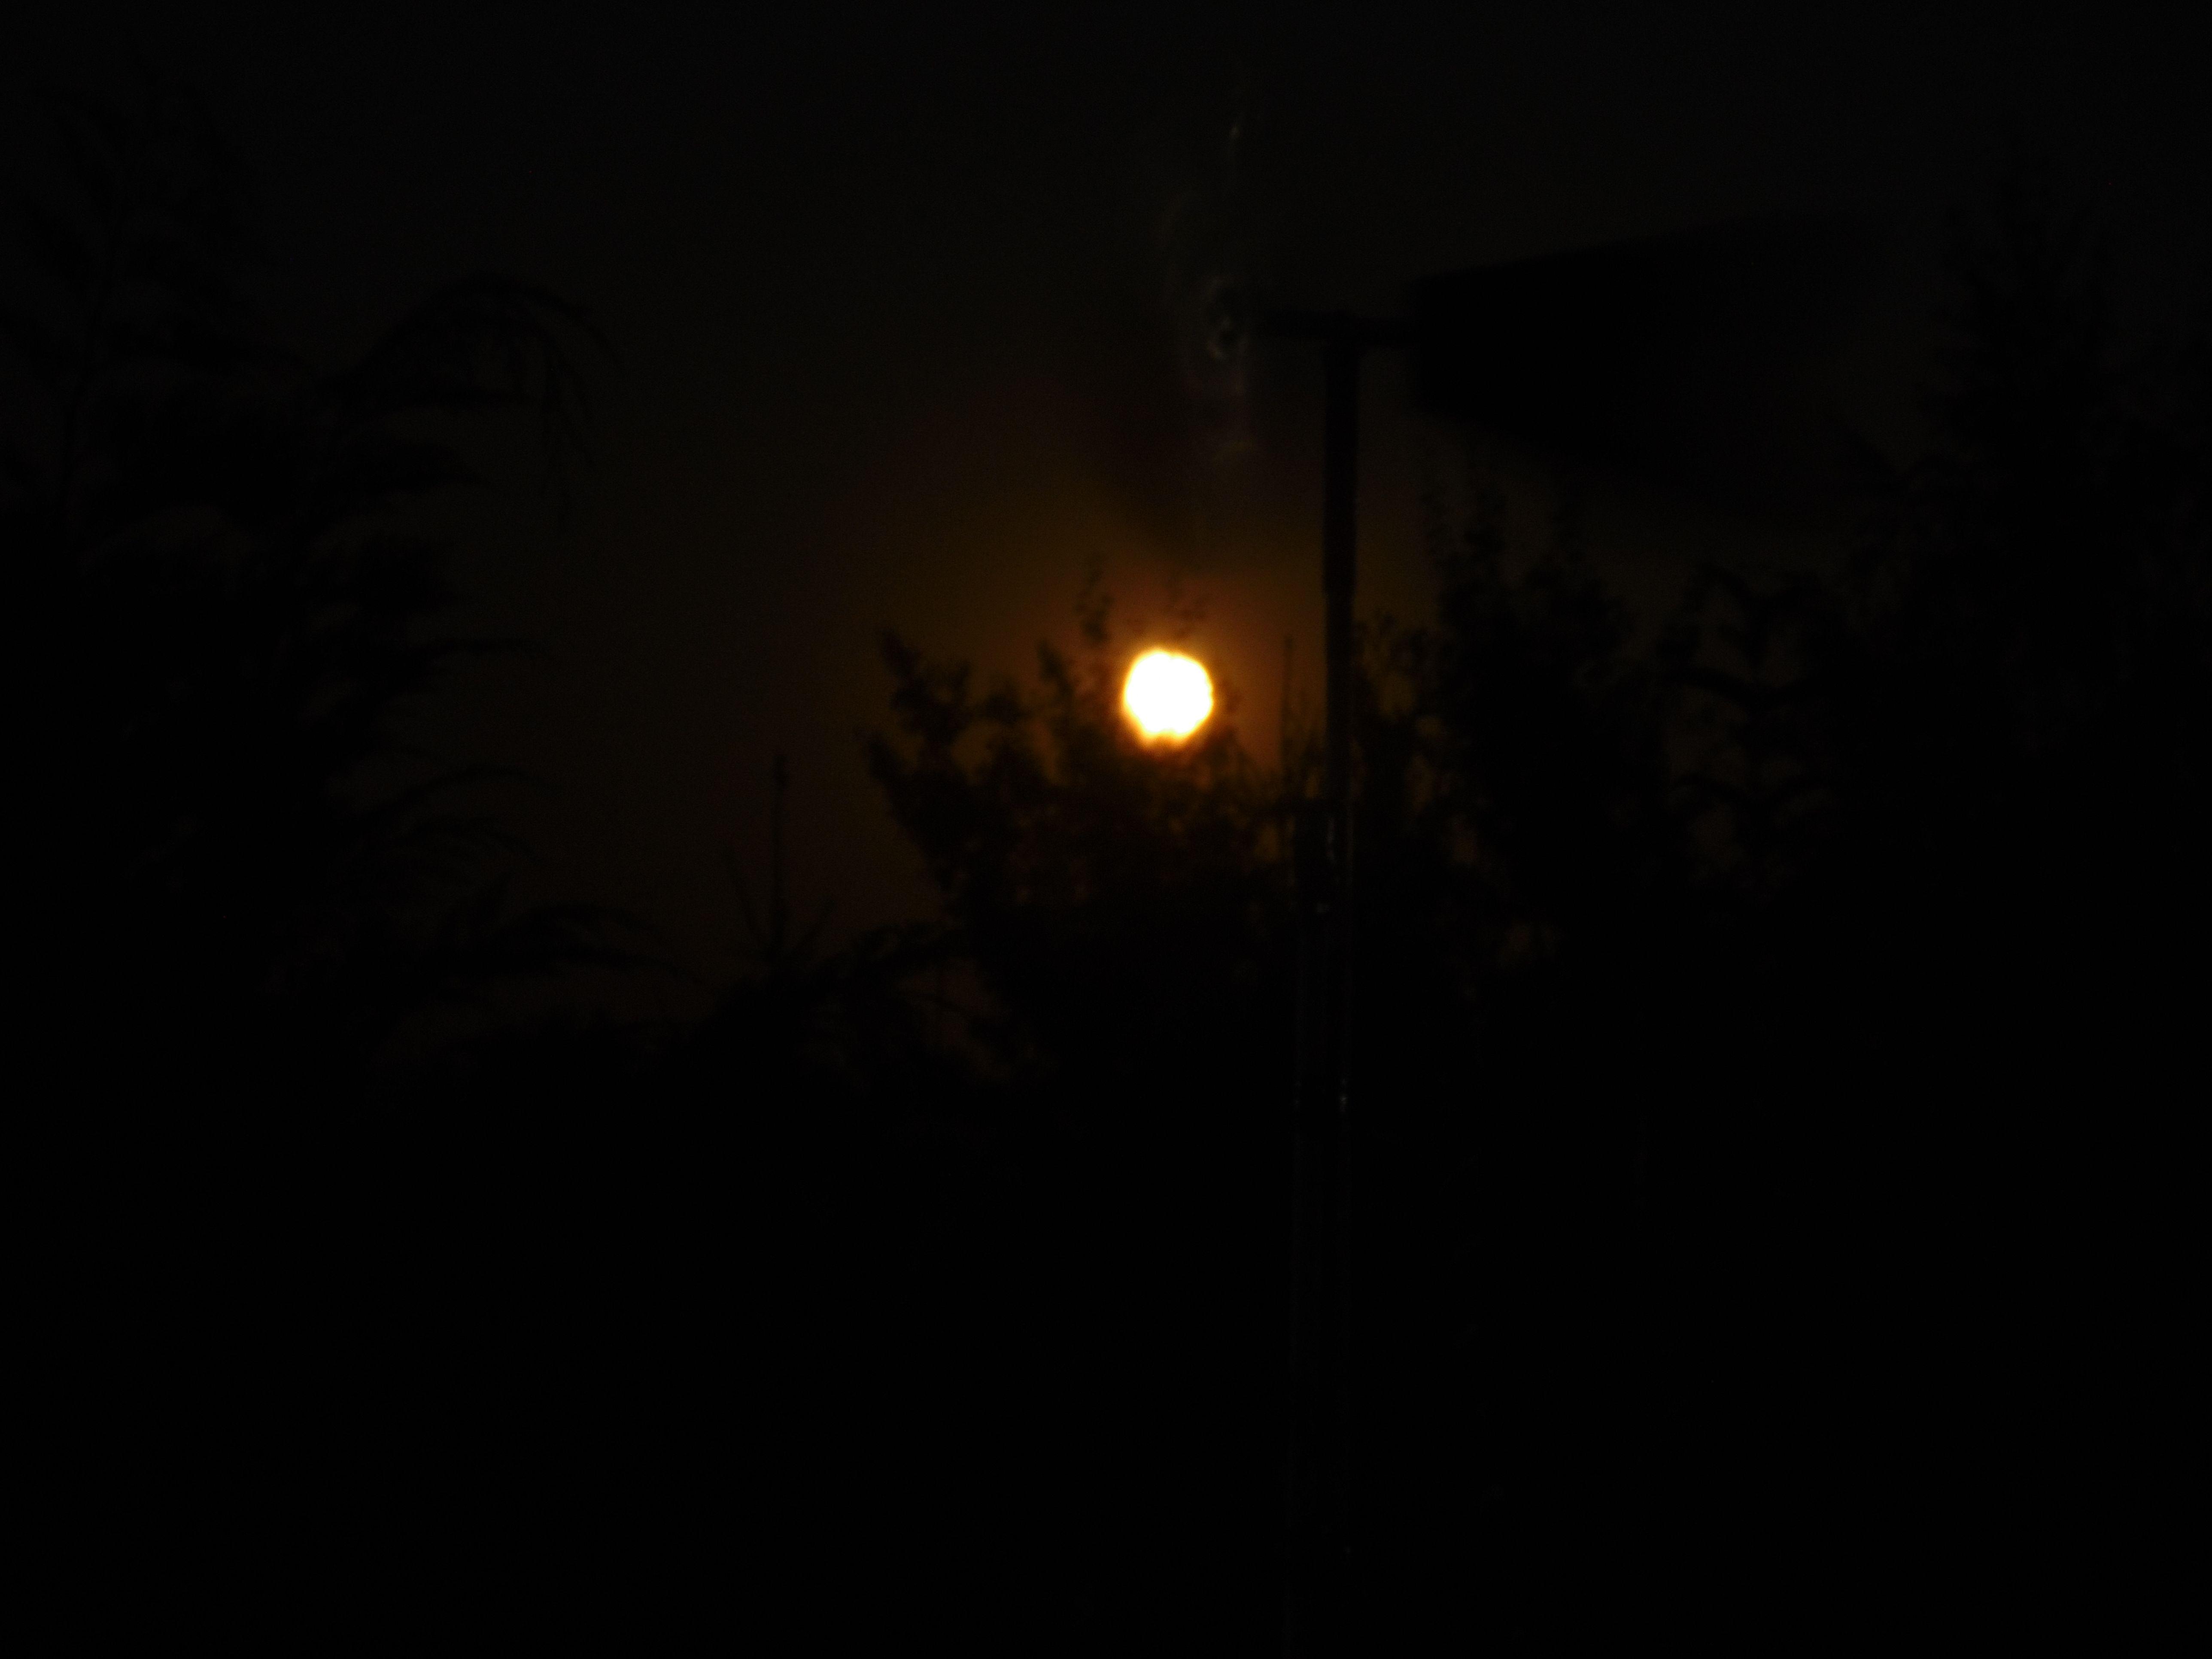 09.10.2014: Aufgrund der Föhnwetterlage kurzfristig sehr rot gefärbter Mond